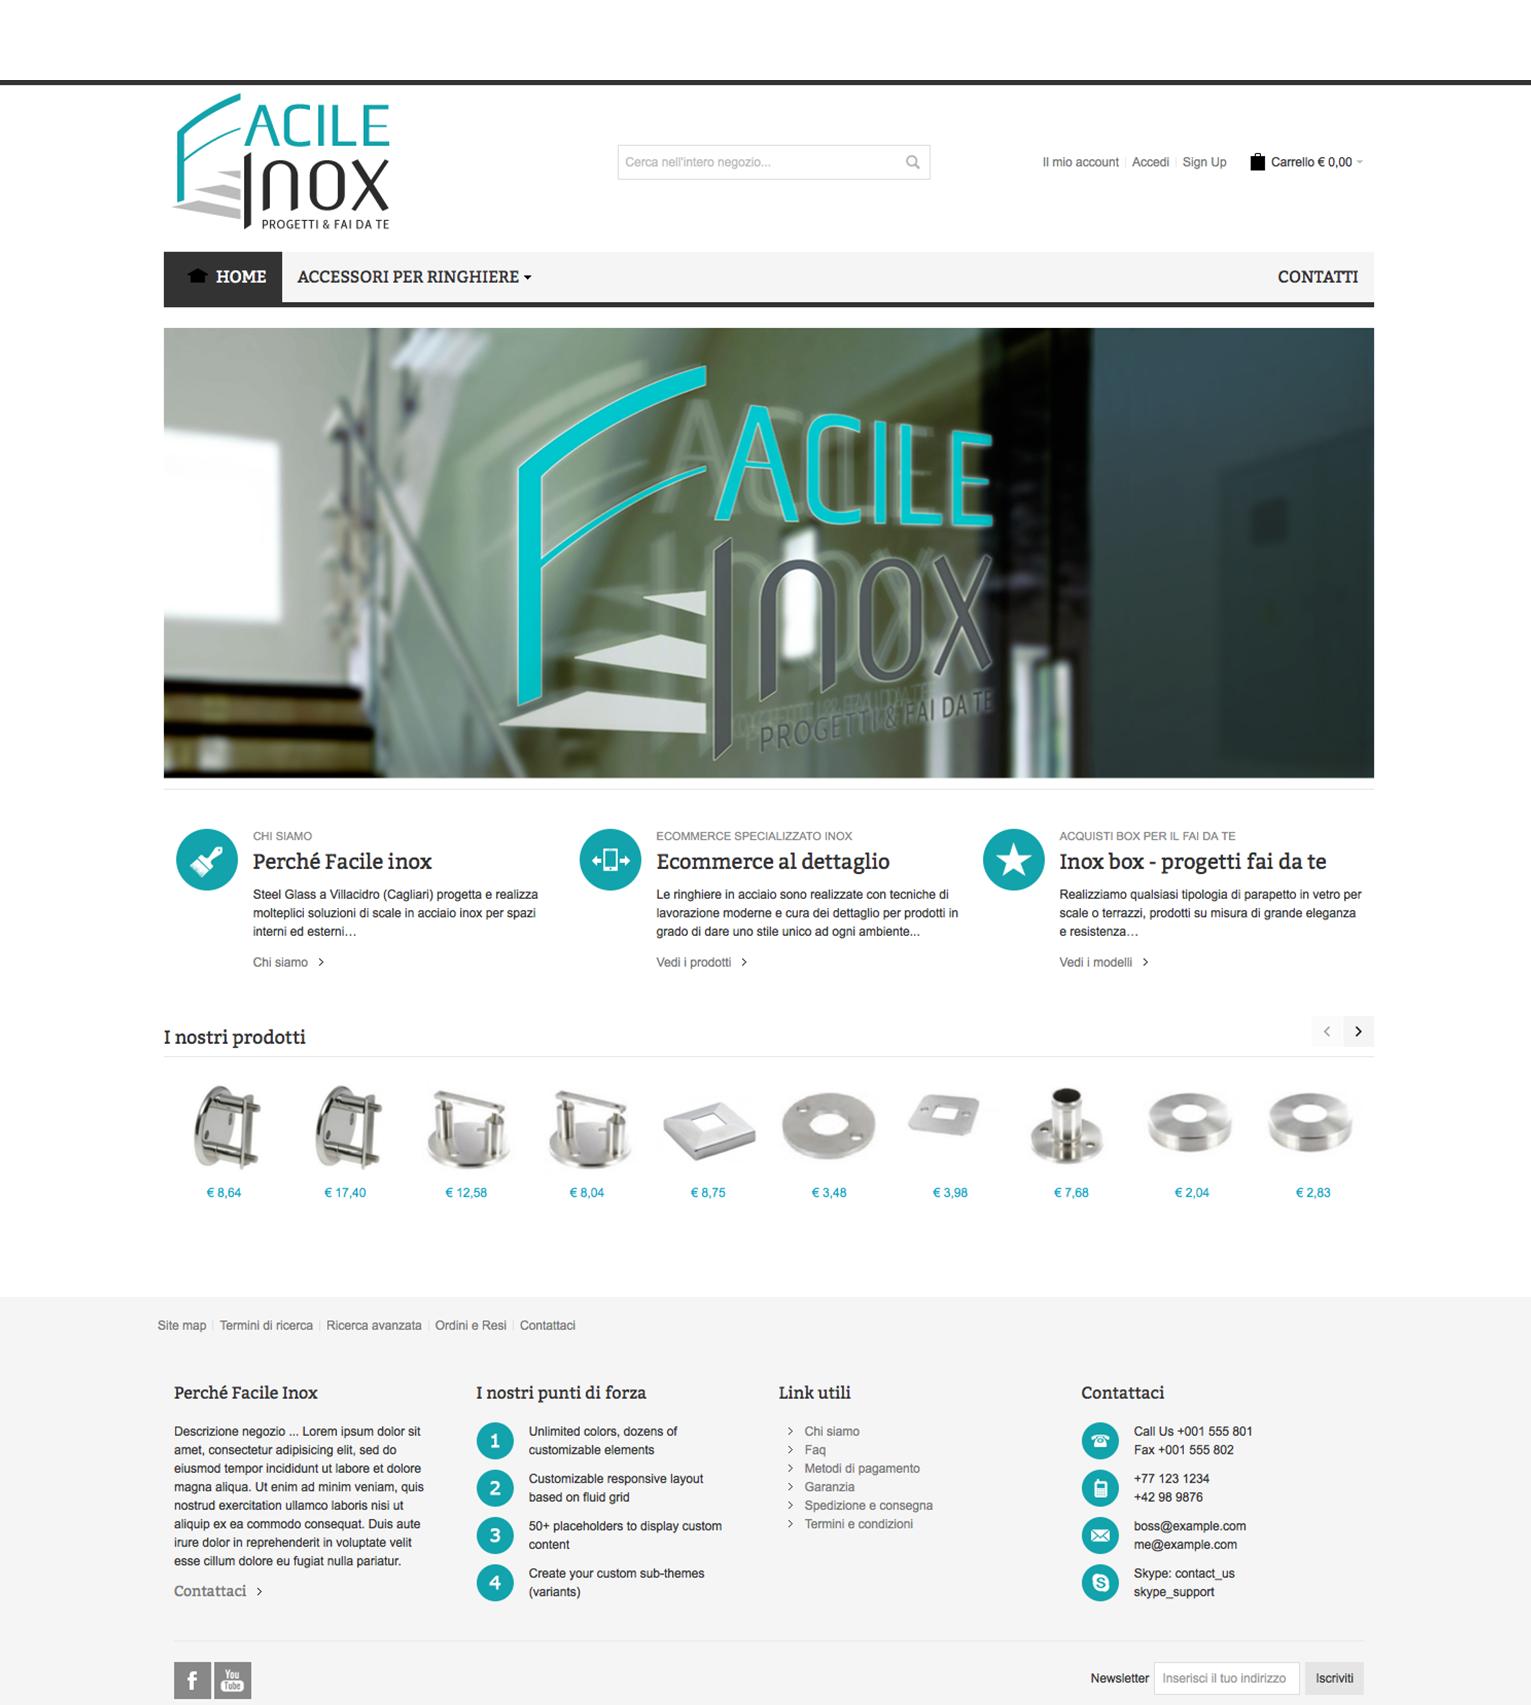 Facile inox (non online)